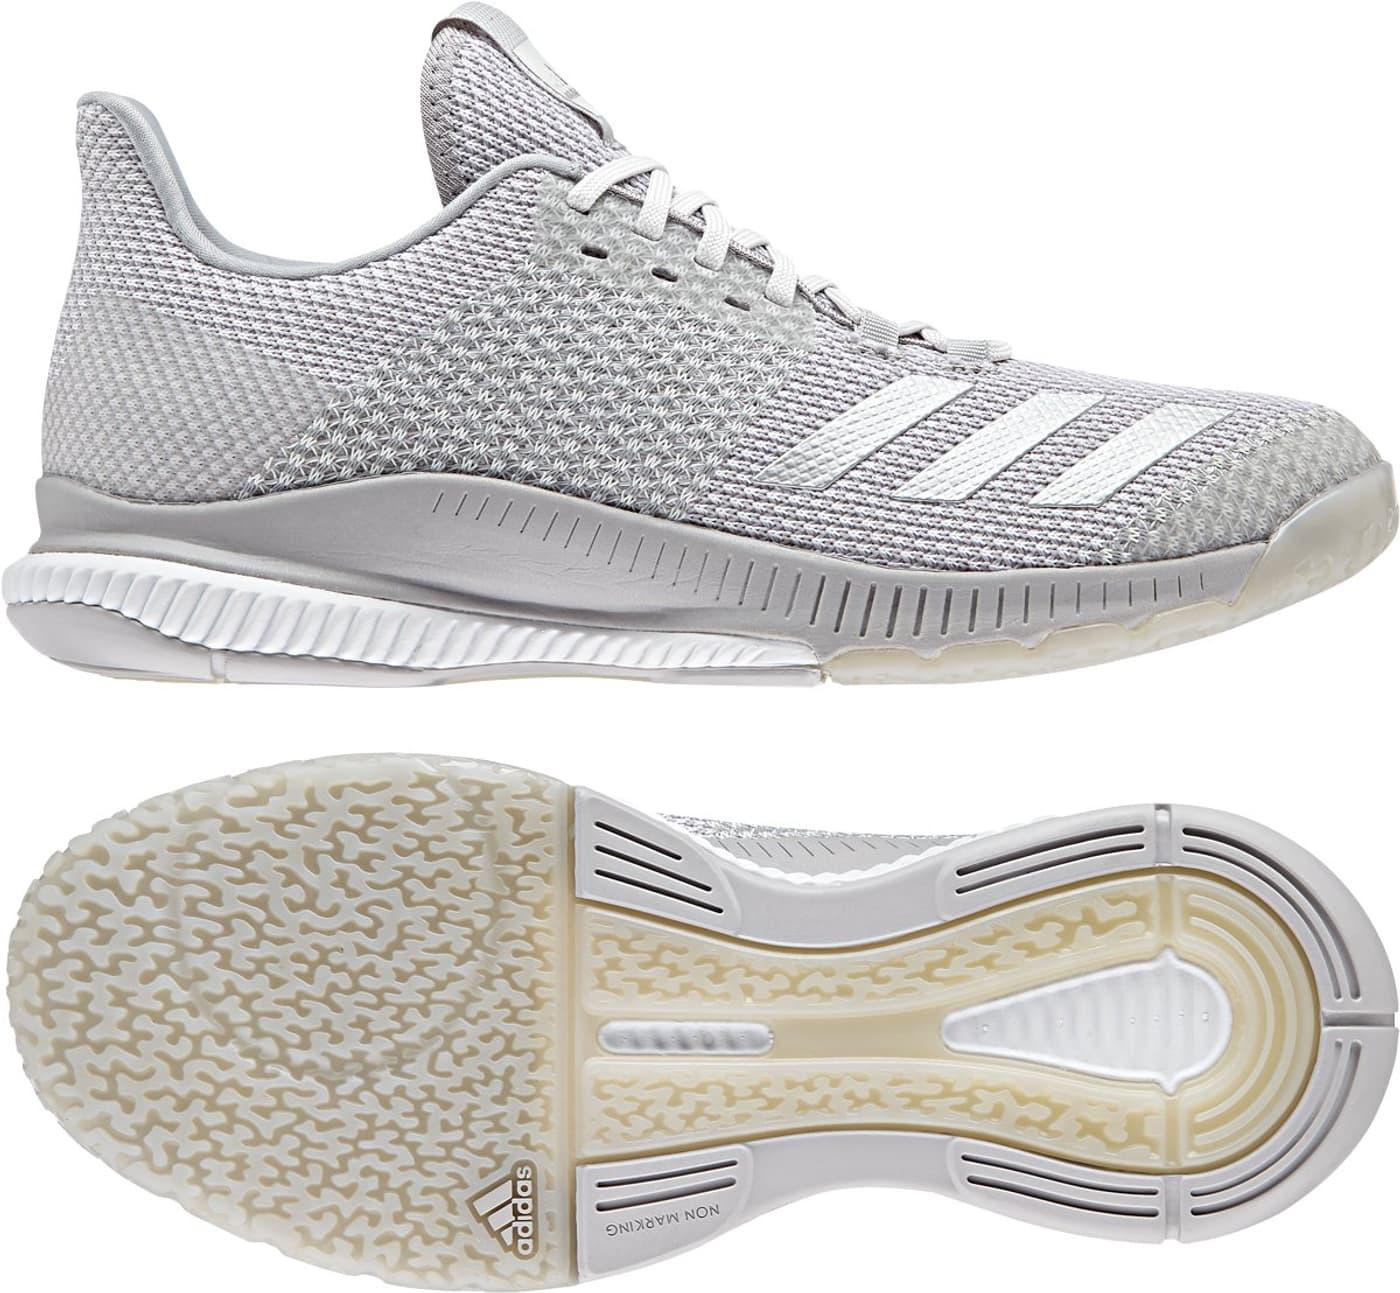 Adidas Crazyflight Bounce 2 Chaussures d'intérieur pour femme